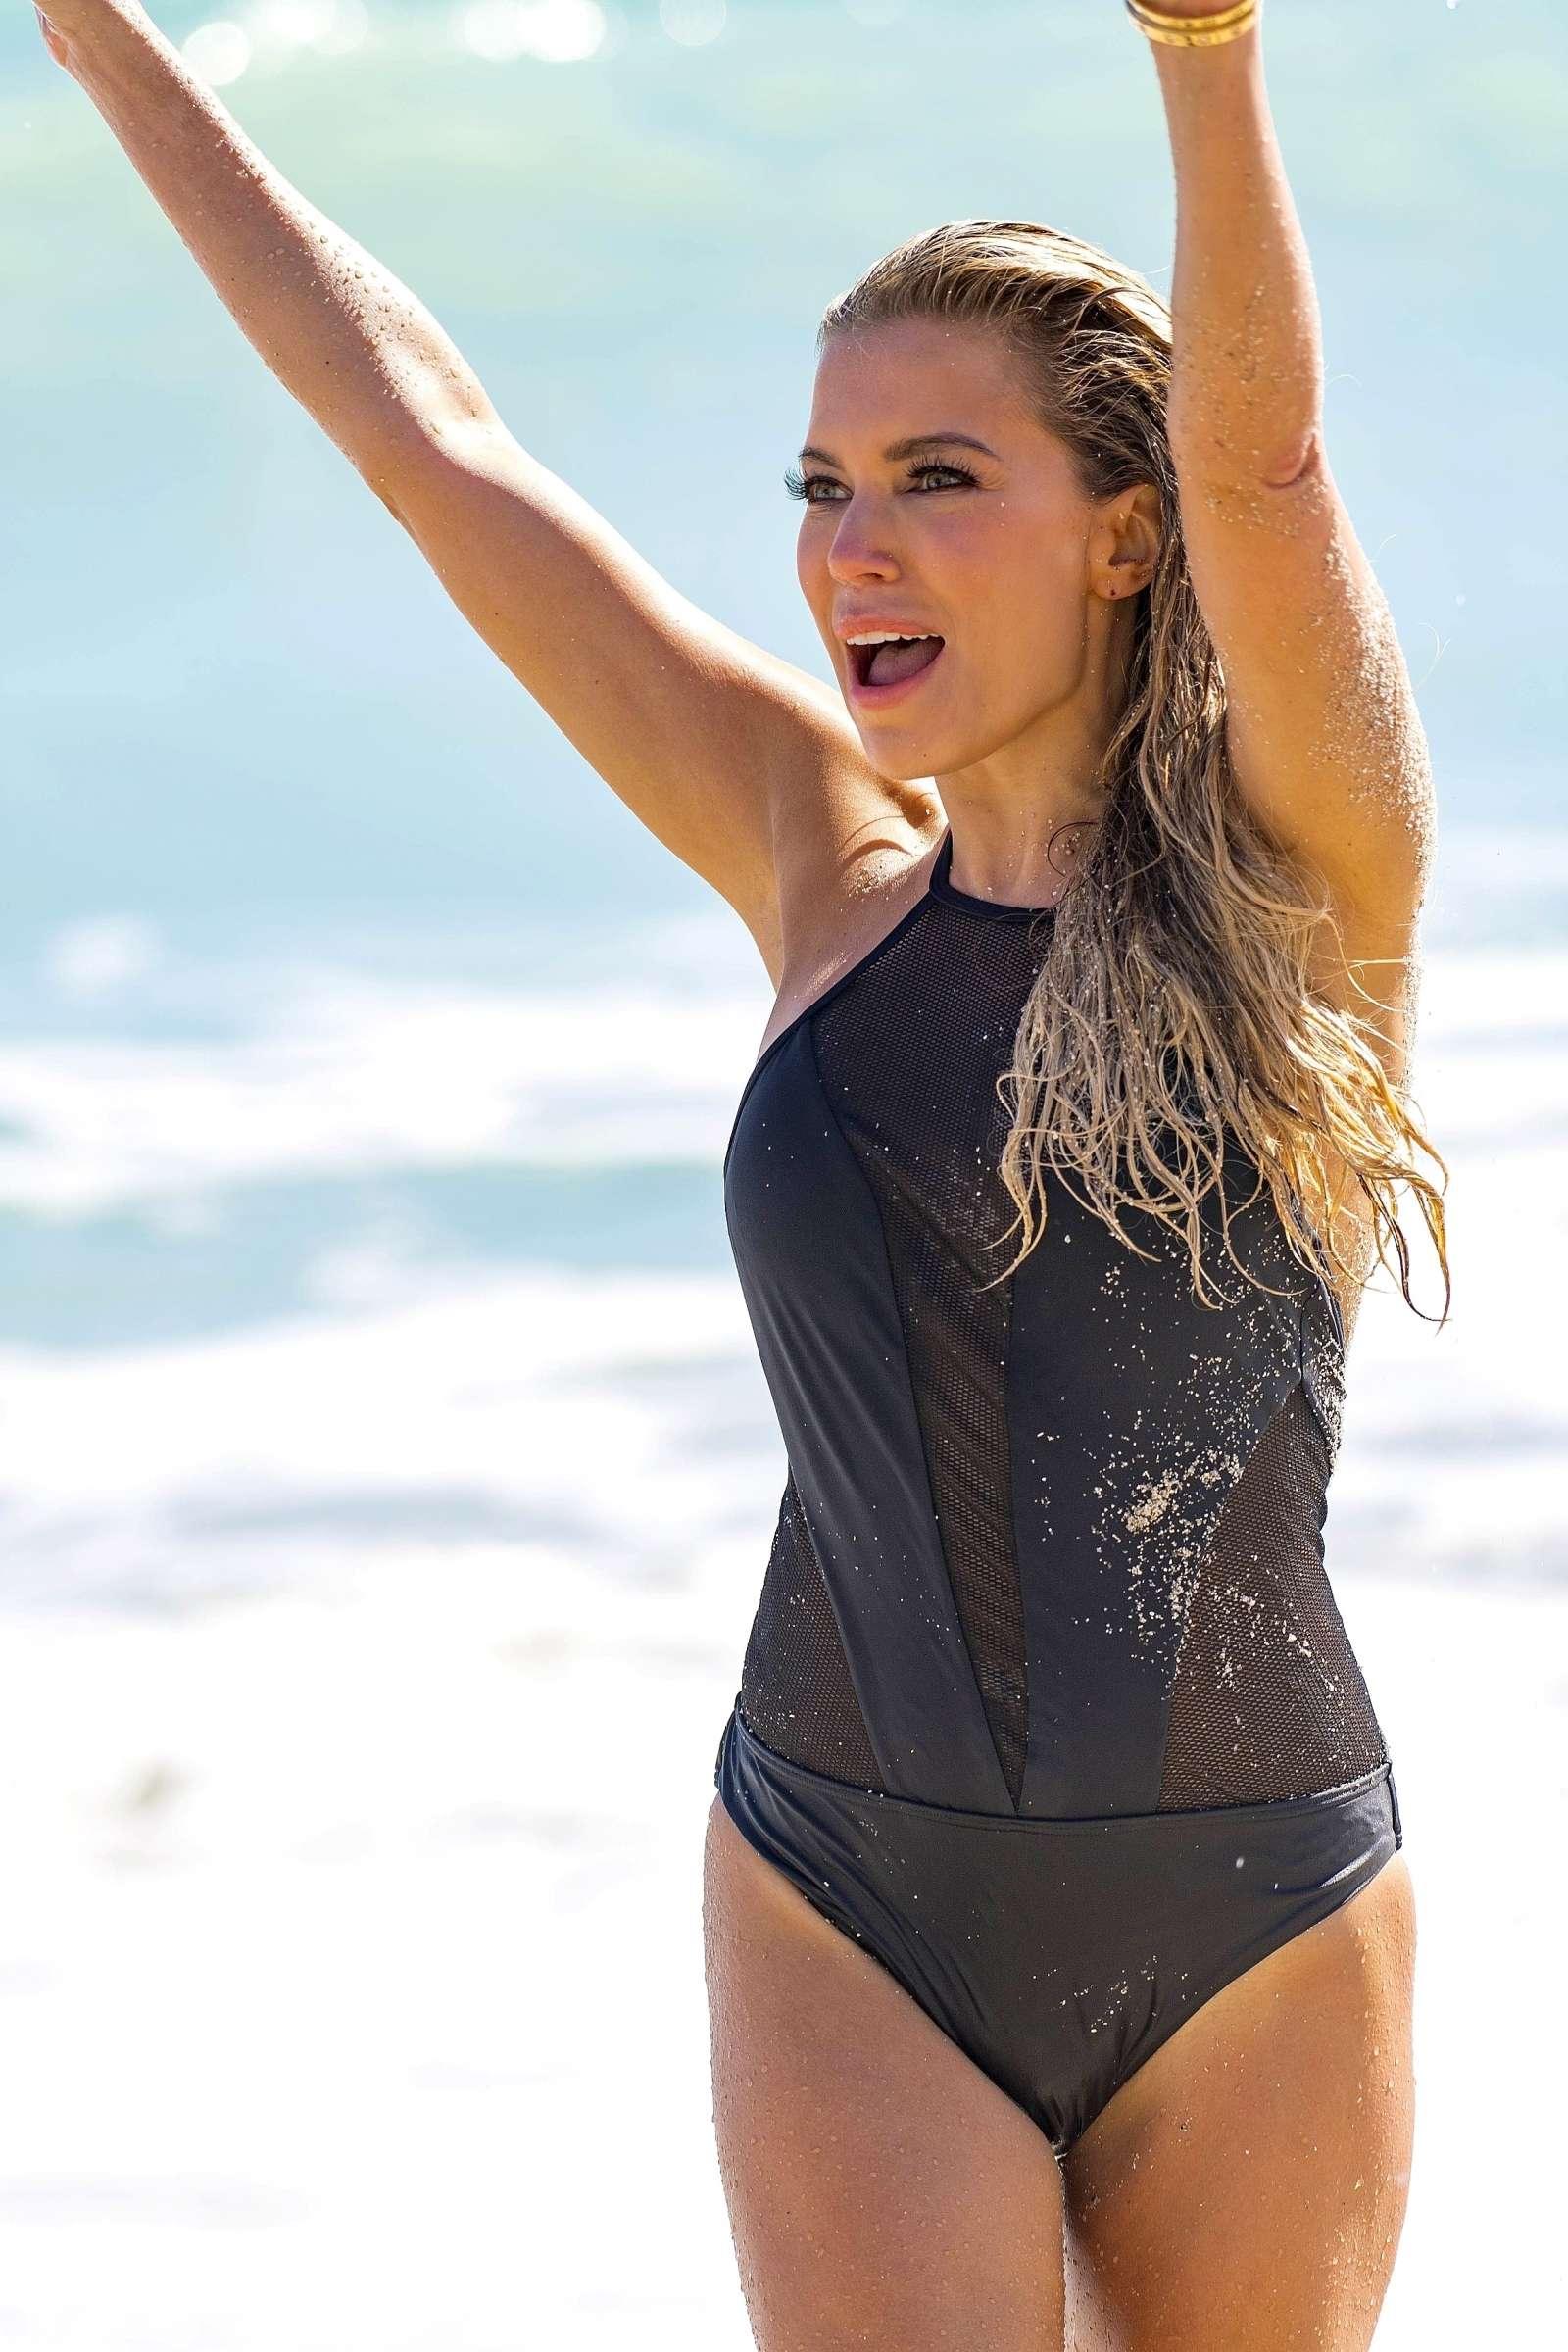 Sylvie Meis Sylvie Designs Bikini Collection Photoshoot on Miami Beach